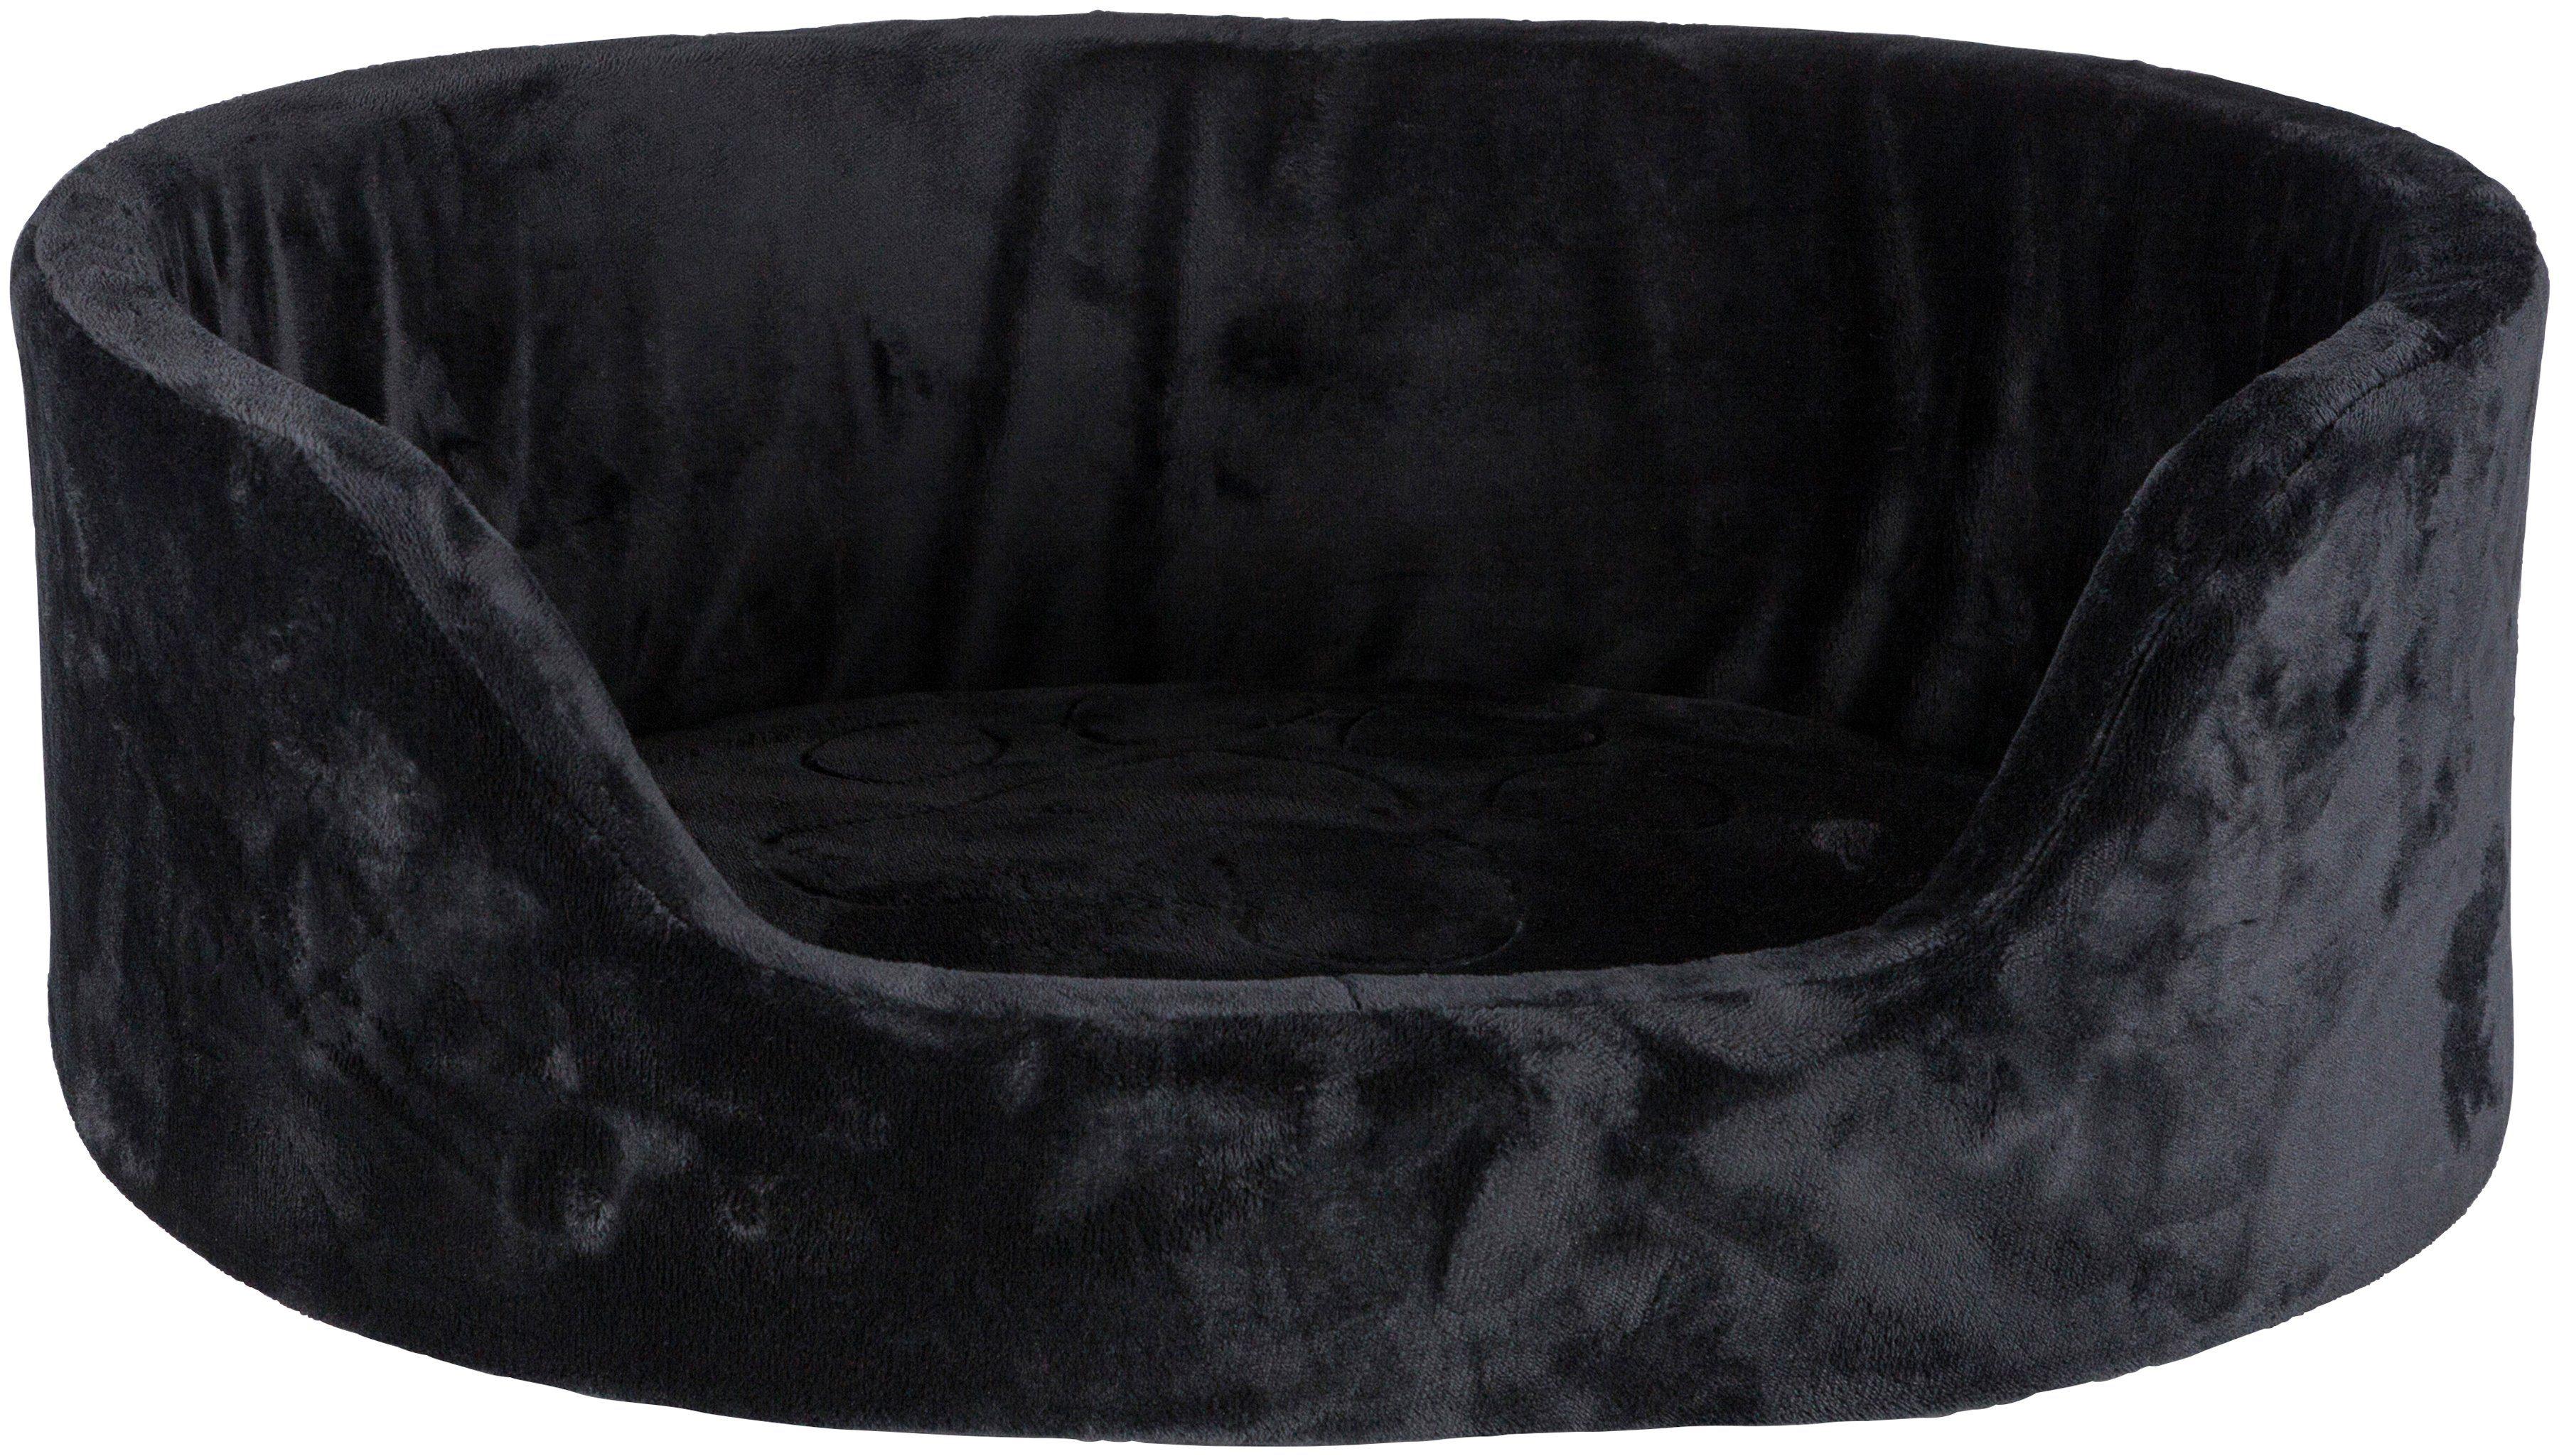 TRIXIE Hunde-Bett »Figo«, BxL: 70x55 cm